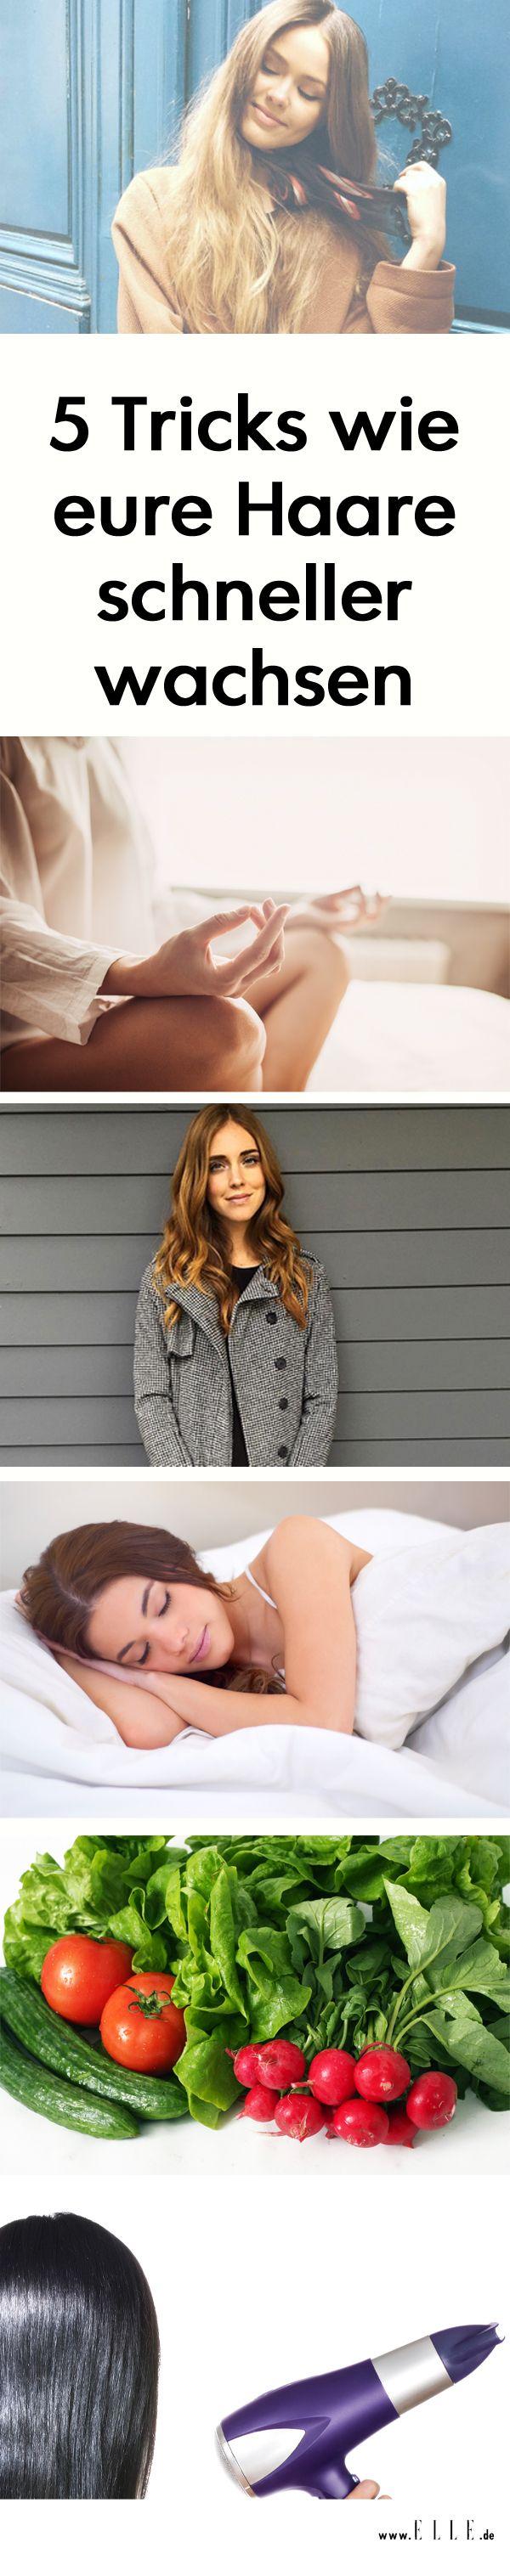 Lange, gesunde Haare sind nicht nur Runway-Trend, sondern auch das Sinnbild für Weiblichkeit. Hier erfahrt ihr, warum eure nicht so richtig wachsen wollen.